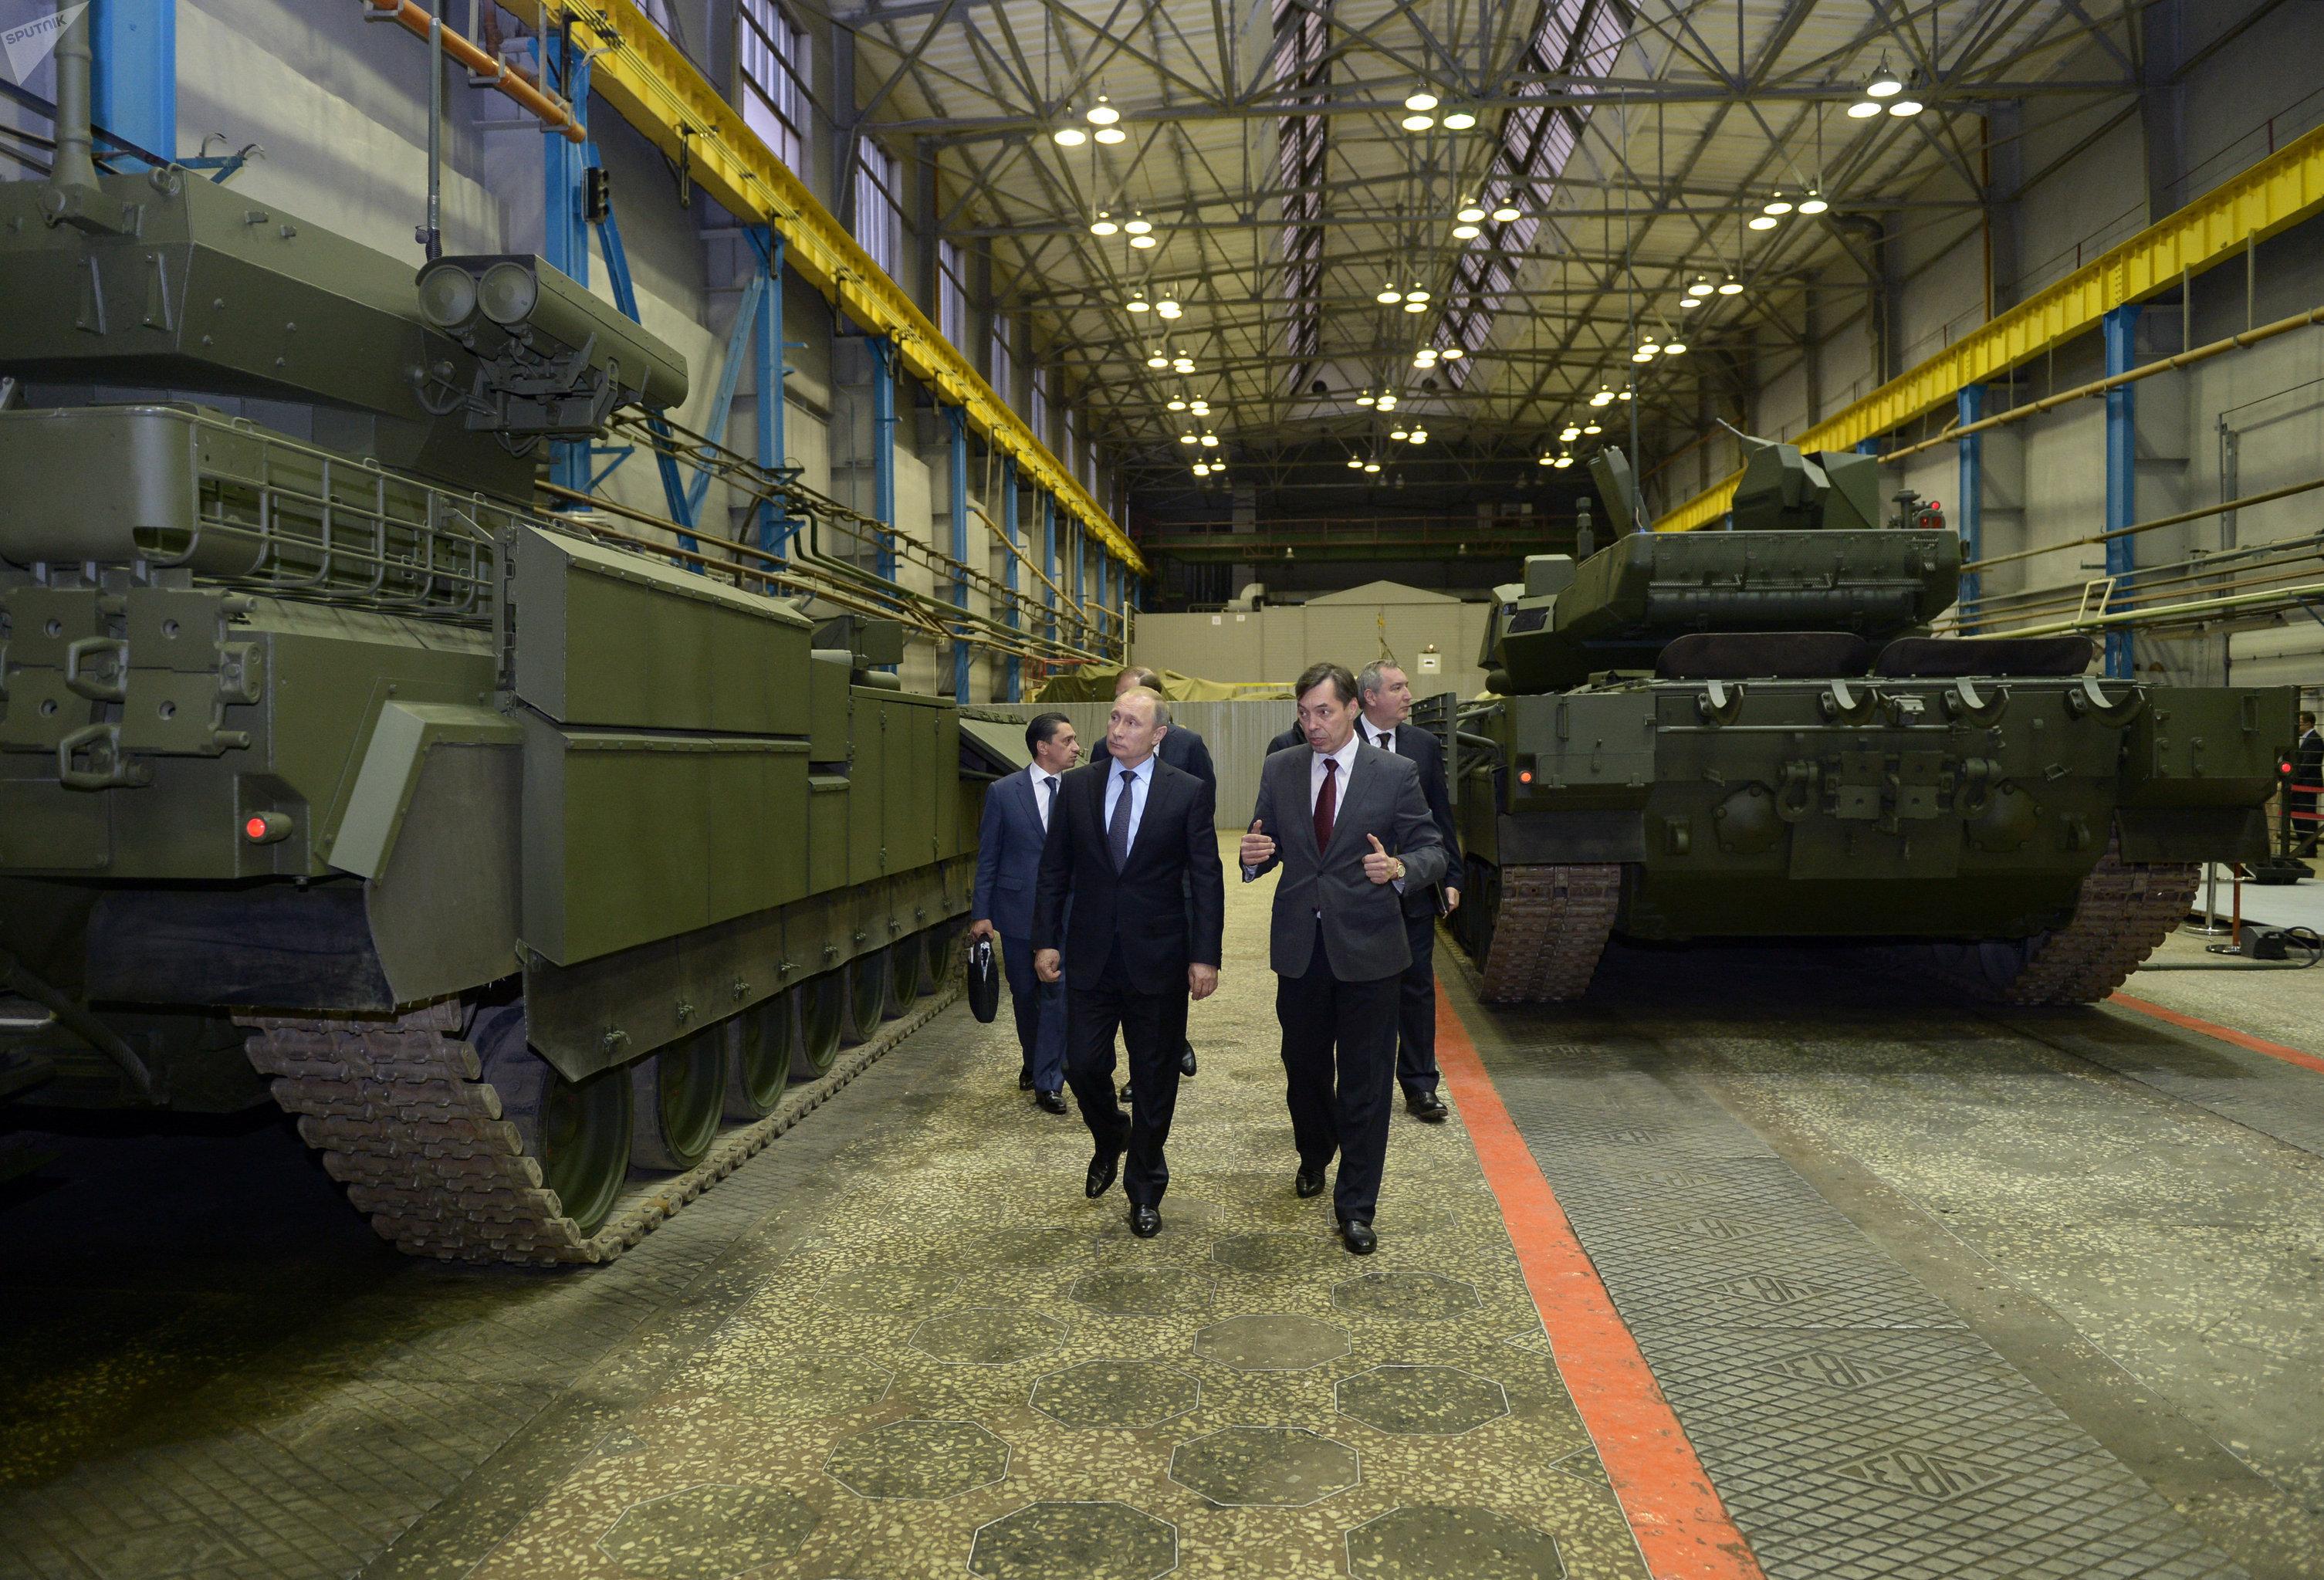 Президент России Владимир Путин на заводе Уральское конструкторское бюро транспортного машиностроения